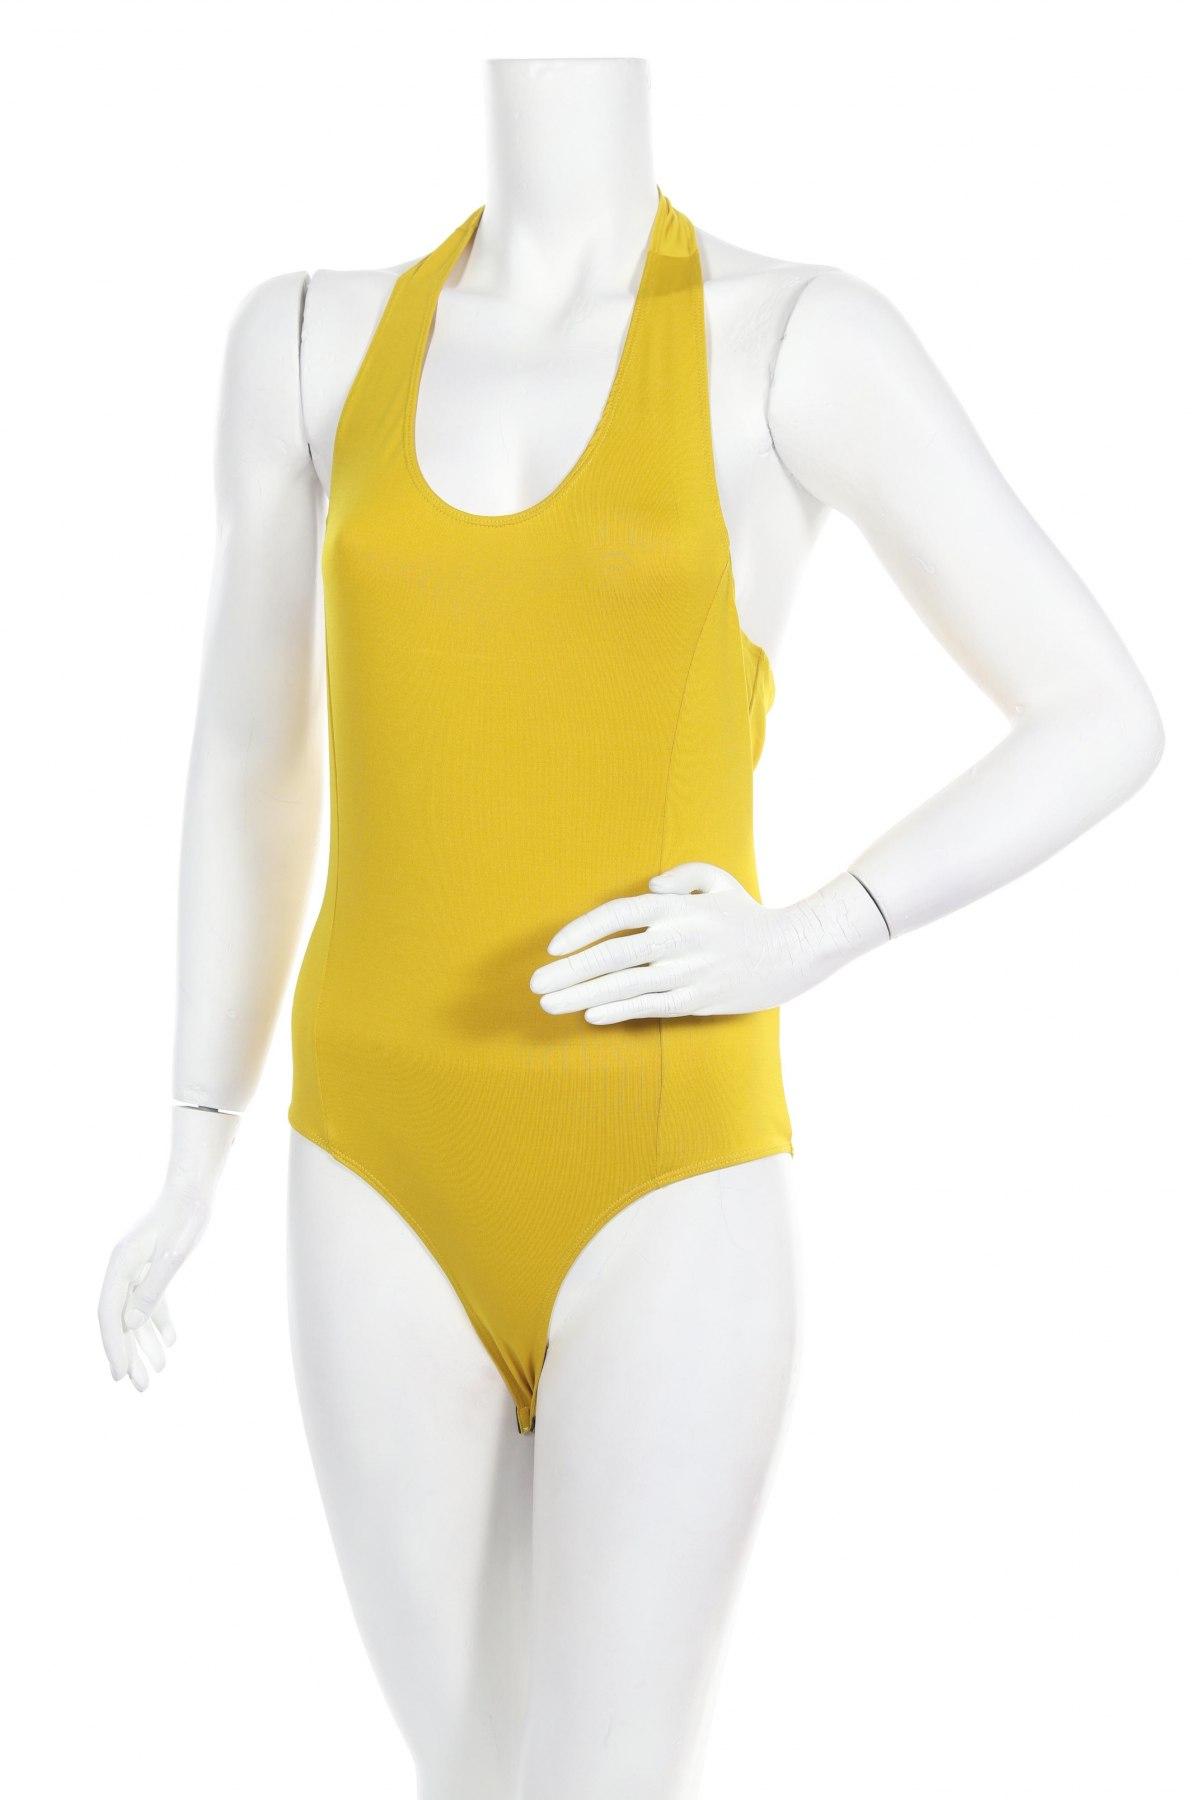 Γυναικεία μπλούζα-Κορμάκι Even&Odd, Μέγεθος M, Χρώμα Κίτρινο, 95% πολυεστέρας, 5% ελαστάνη, Τιμή 15,08€